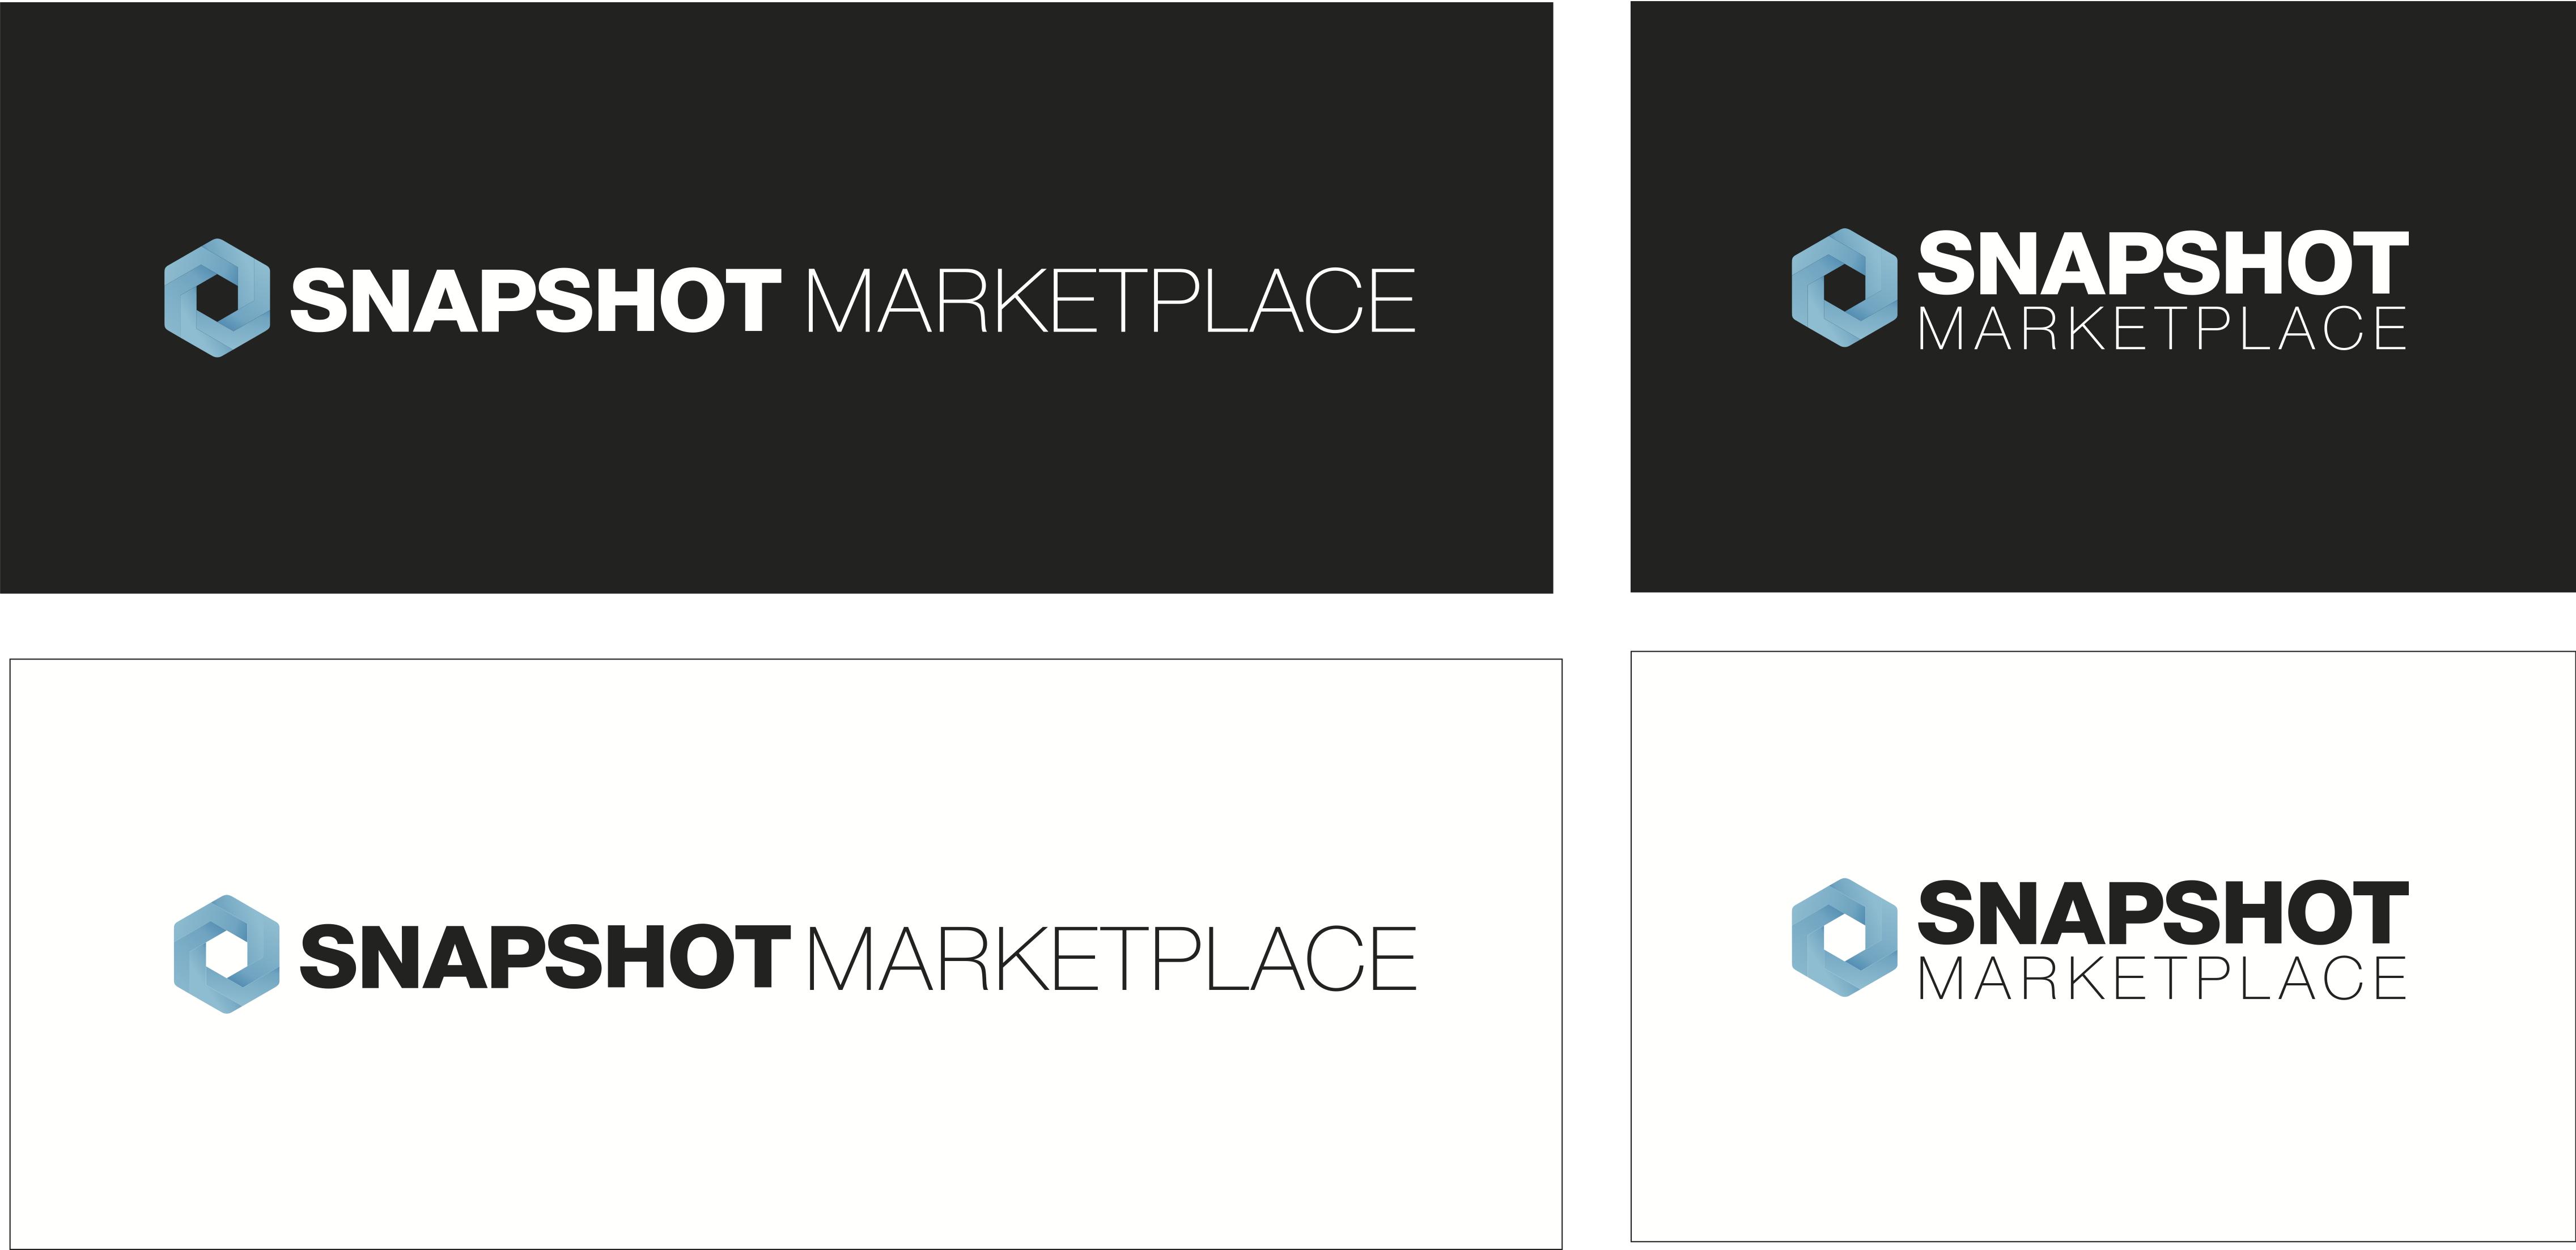 SnapShot MarketPlace_logos.png